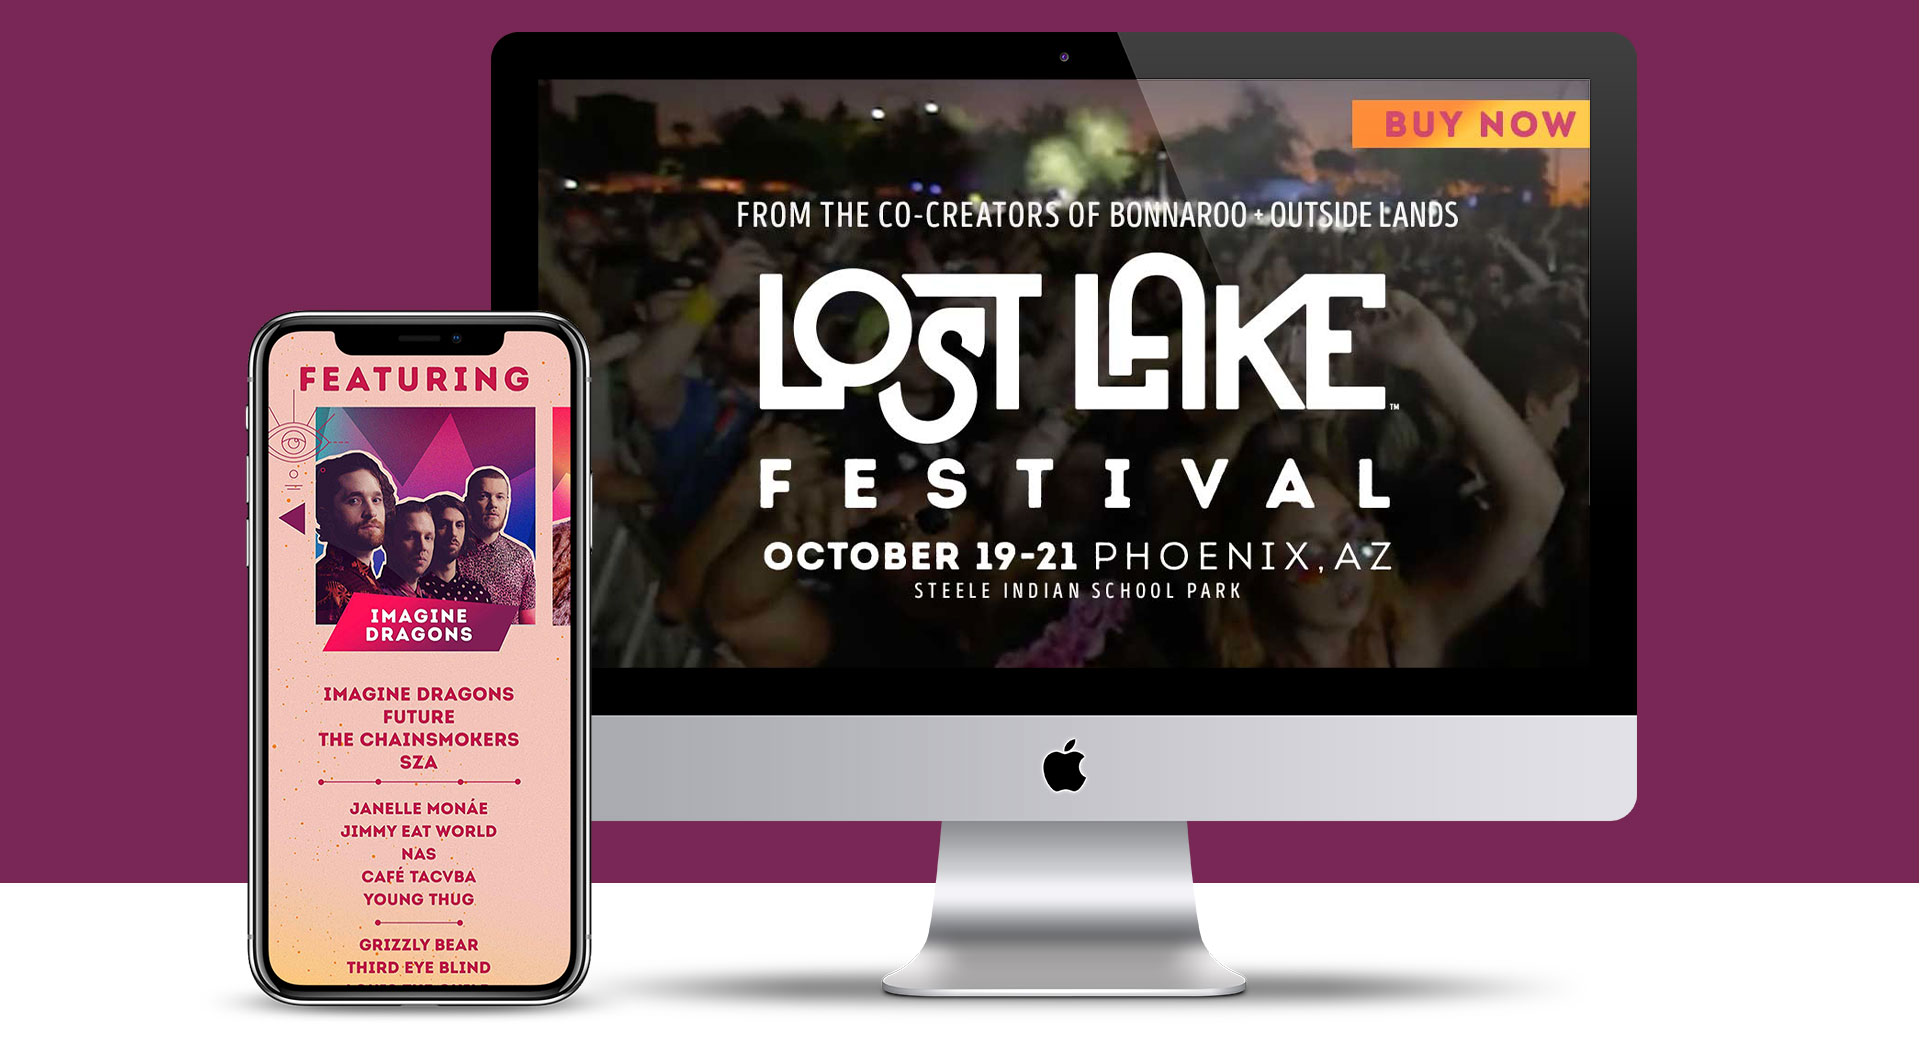 LostLake_DT_Web.jpg